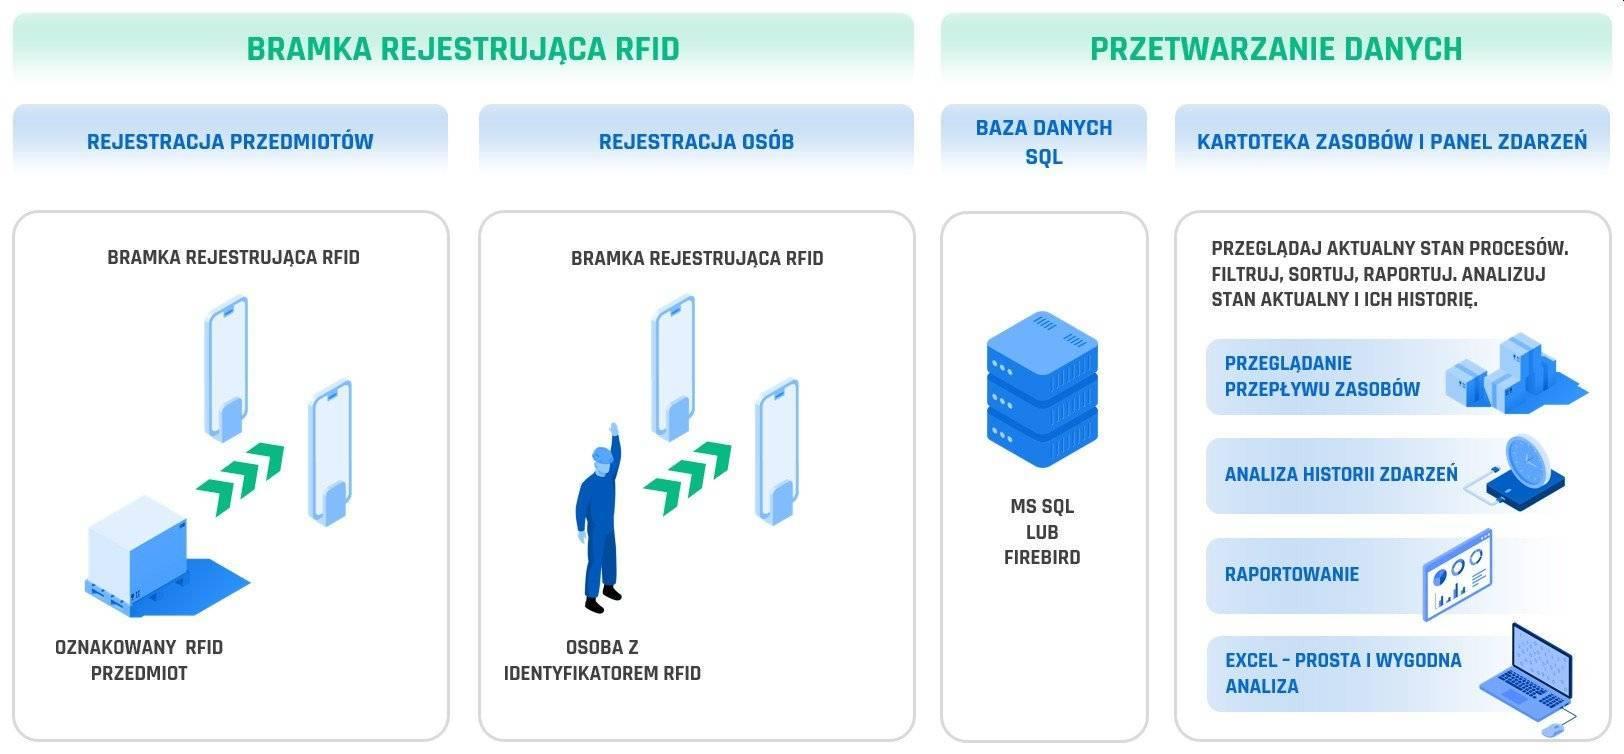 Jak działa bramka RFID